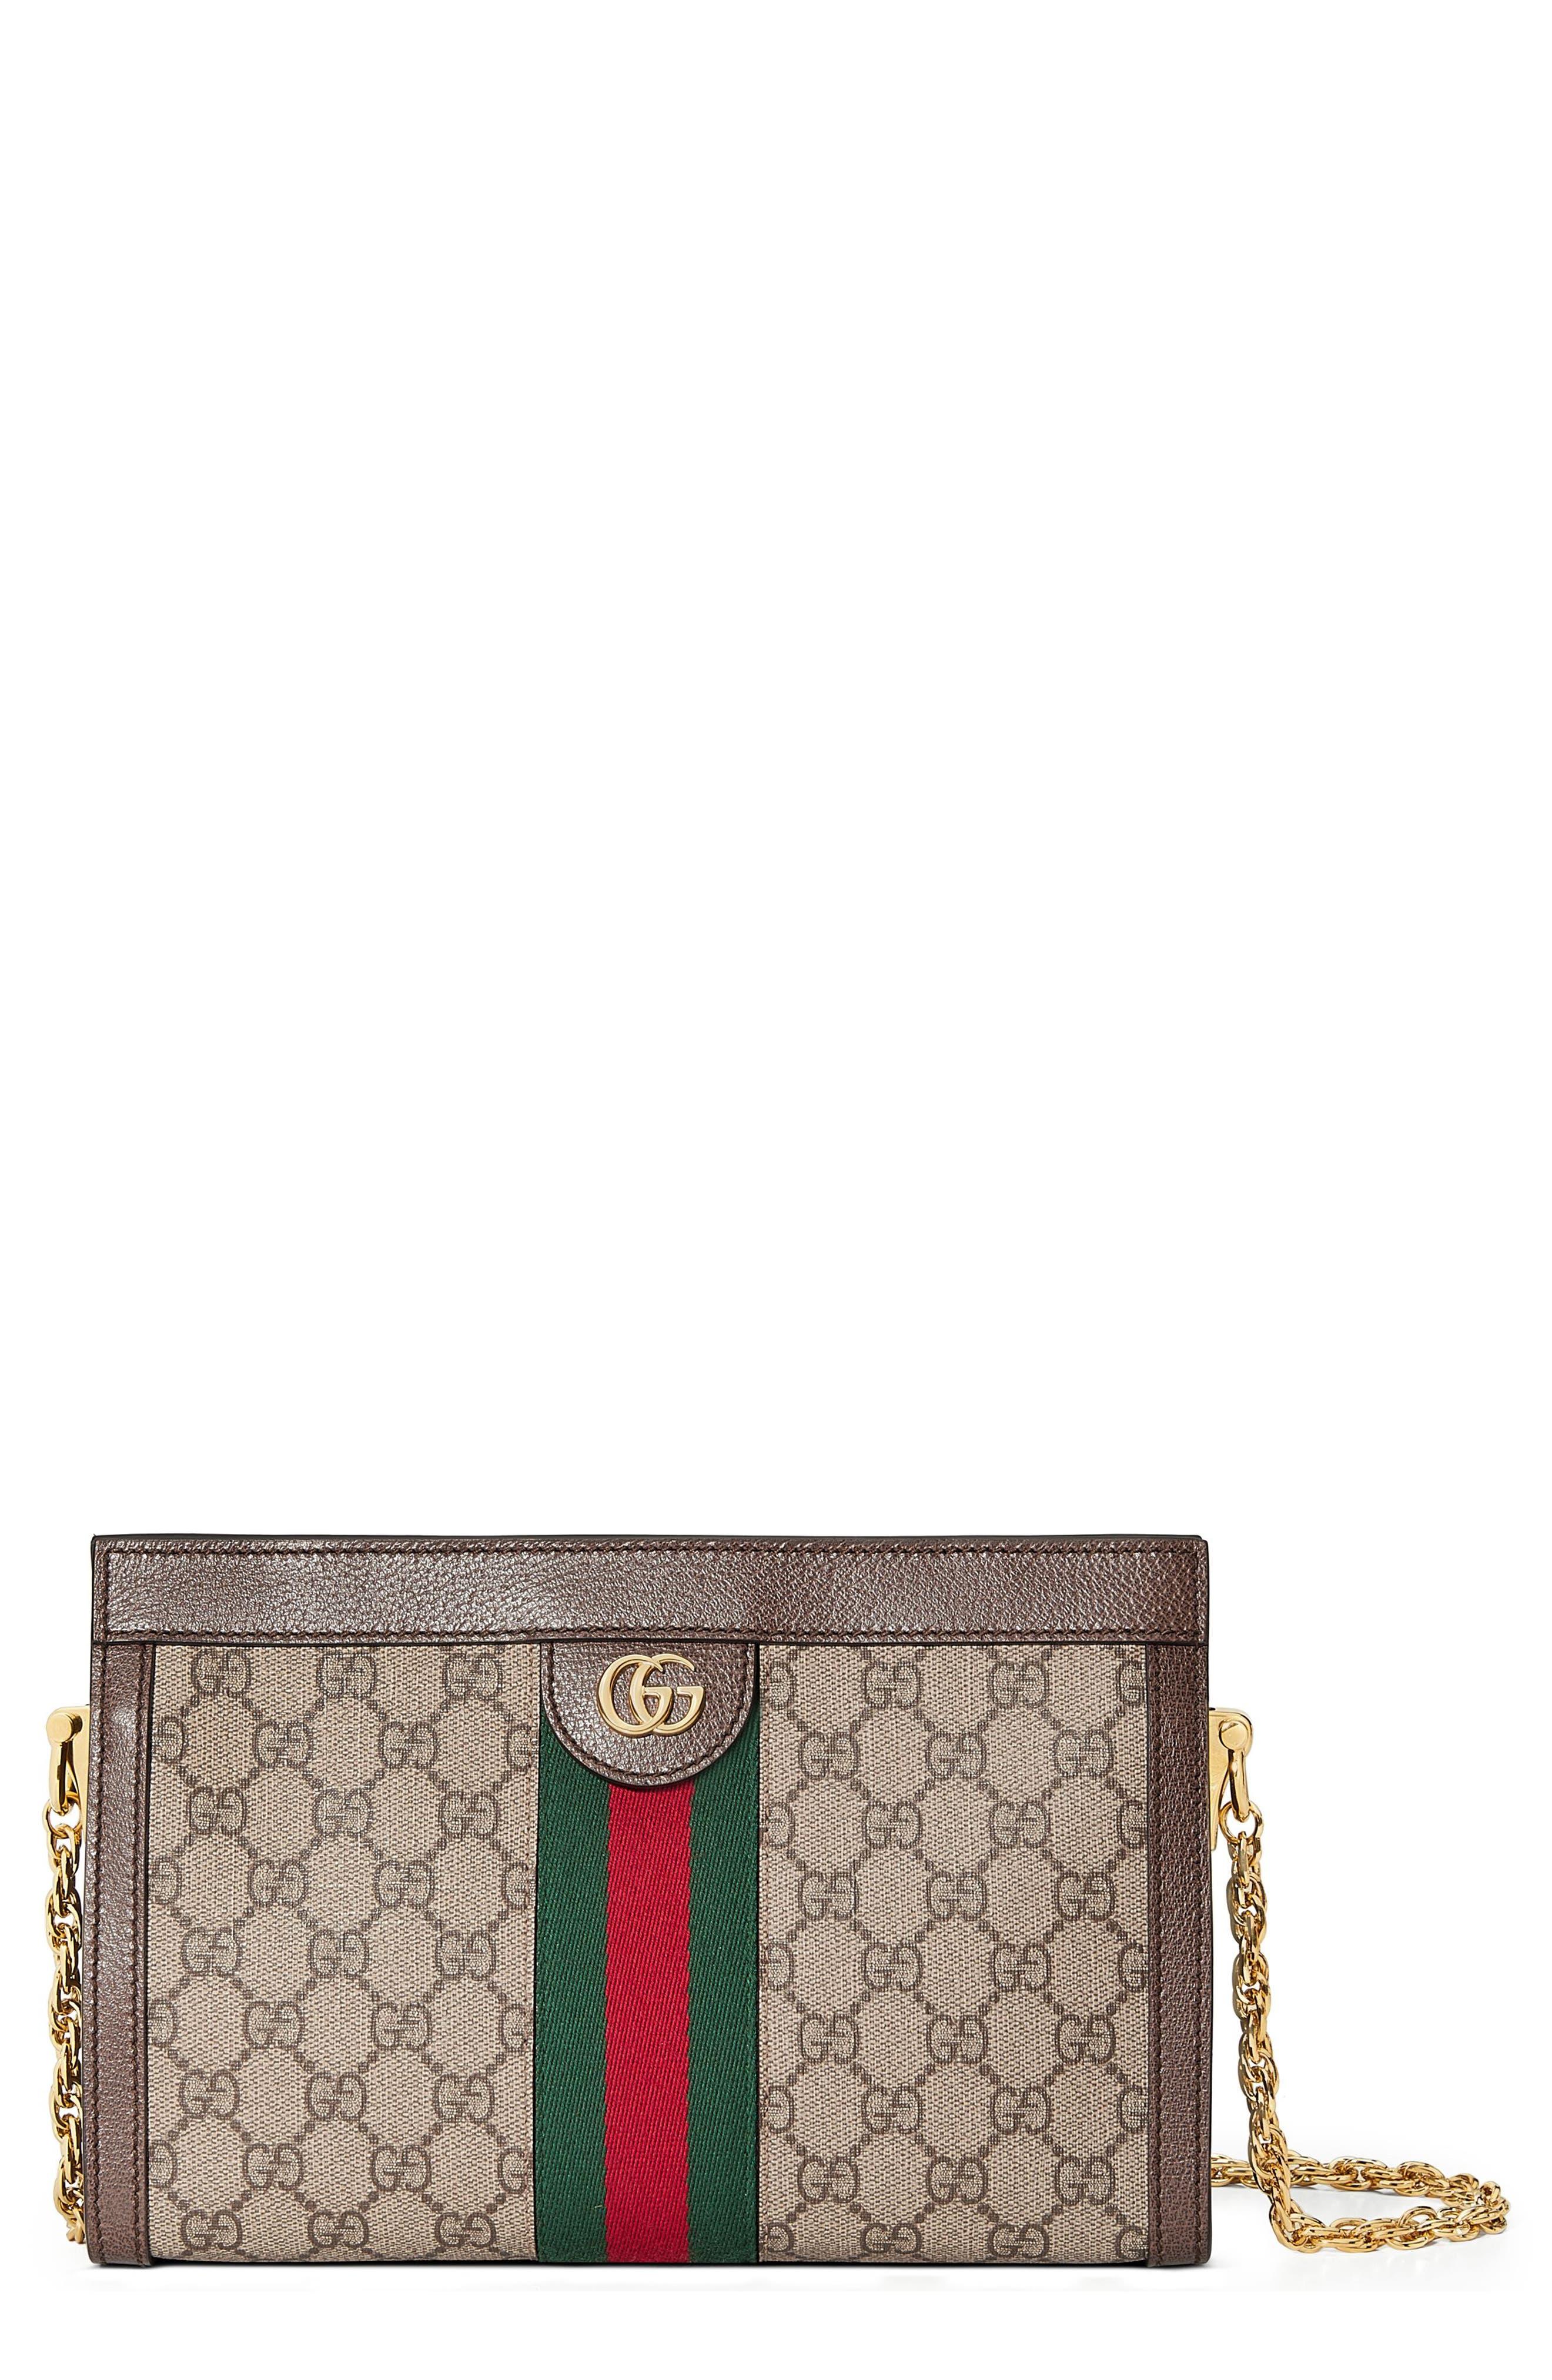 GUCCI Small GG Supreme Shoulder Bag, Main, color, BEIGE EBONY/ NERO/ VERT/ RED